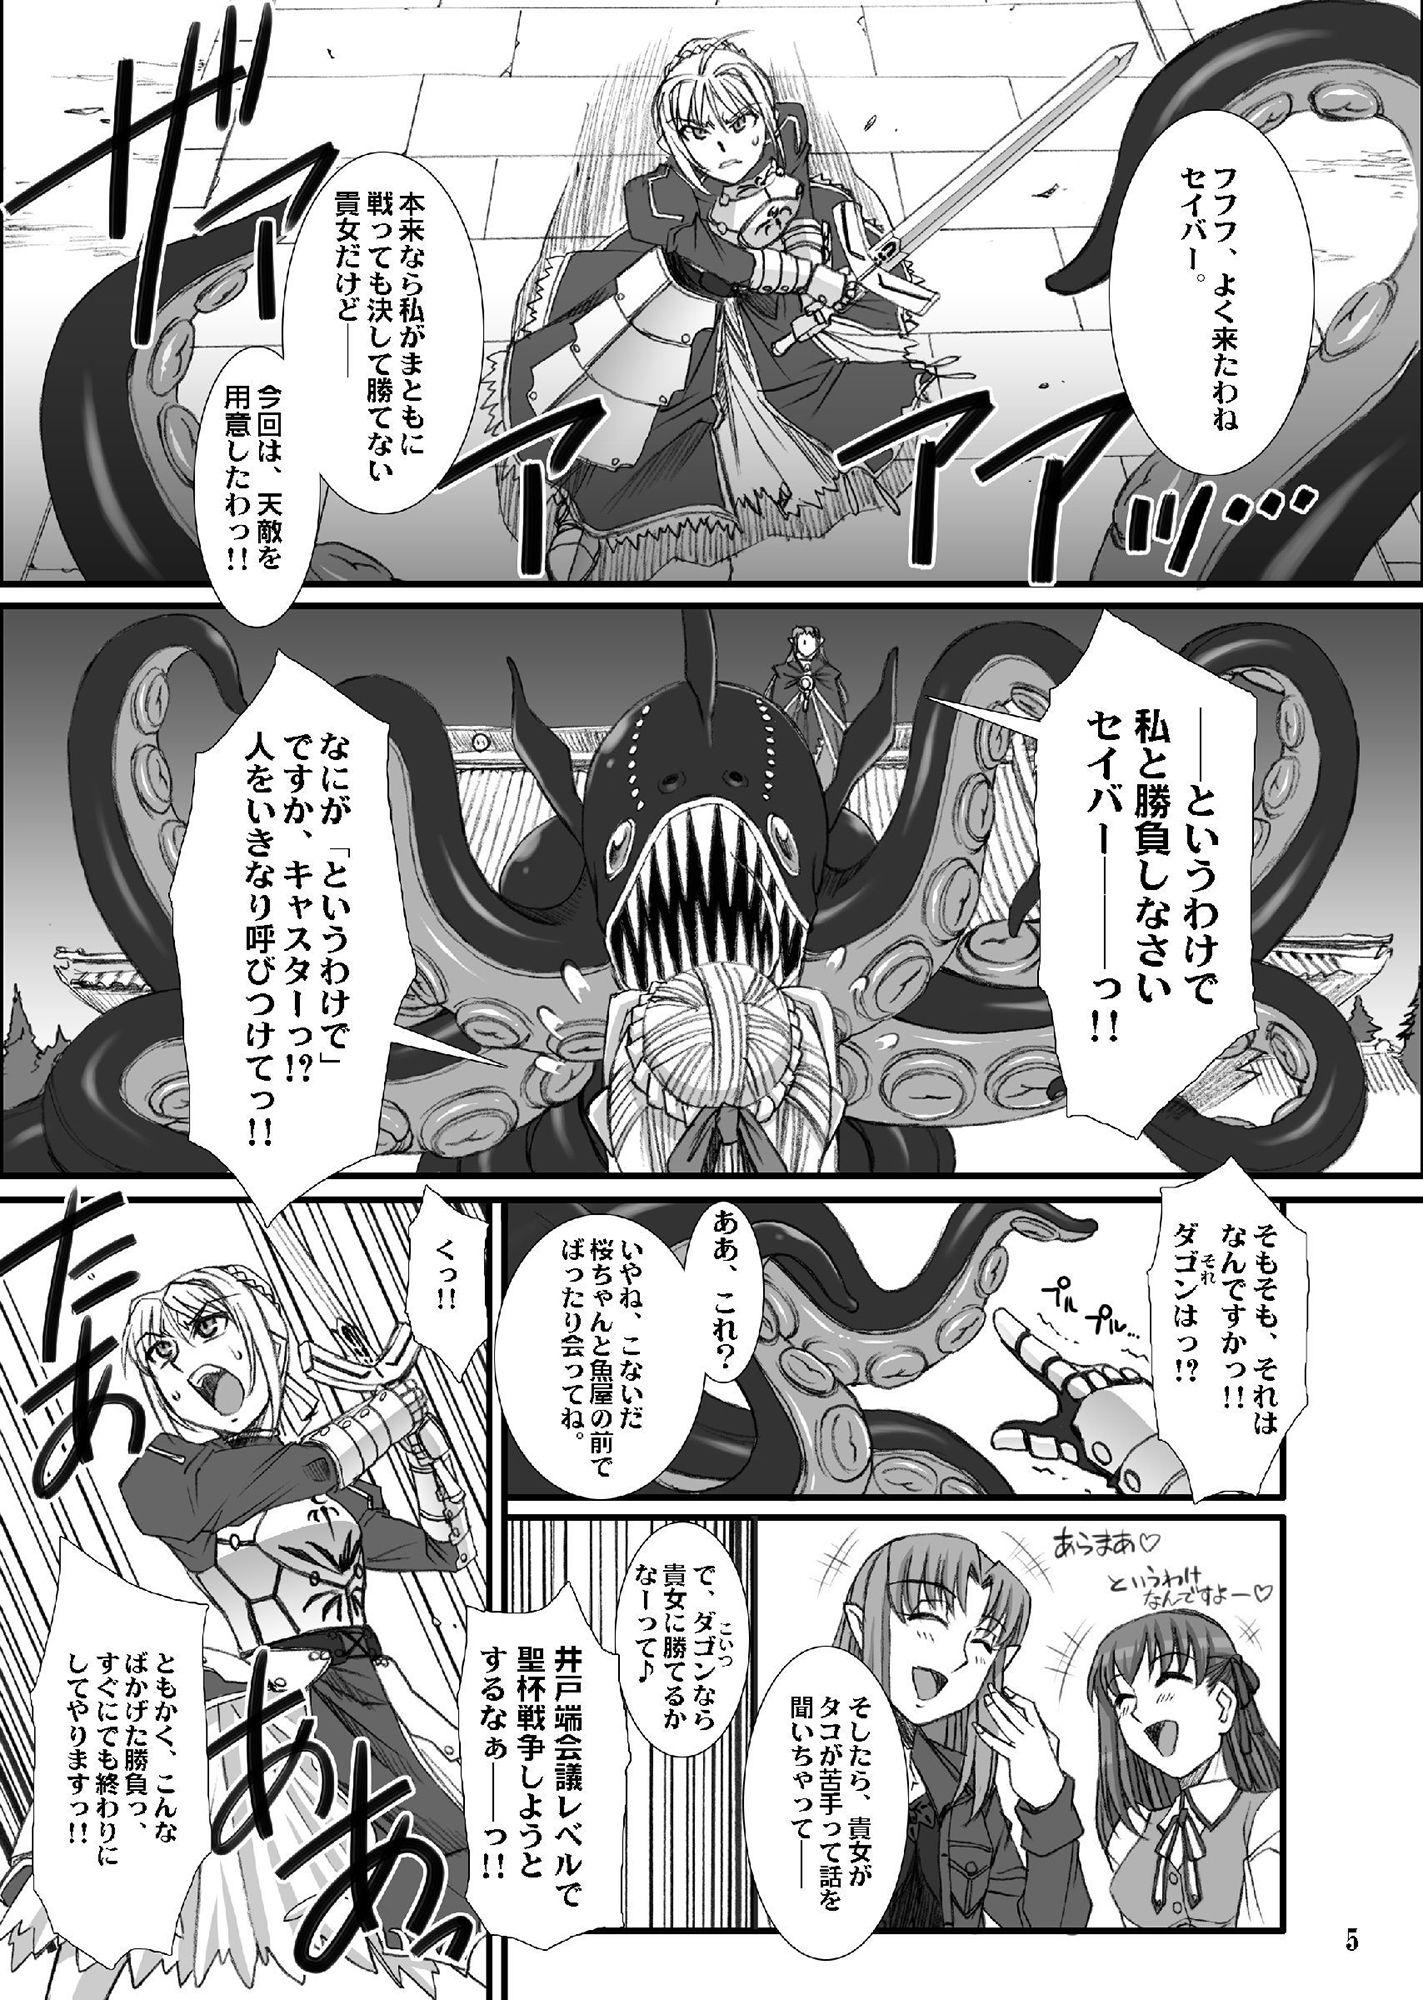 騎士王の受難? エロアニメ画像